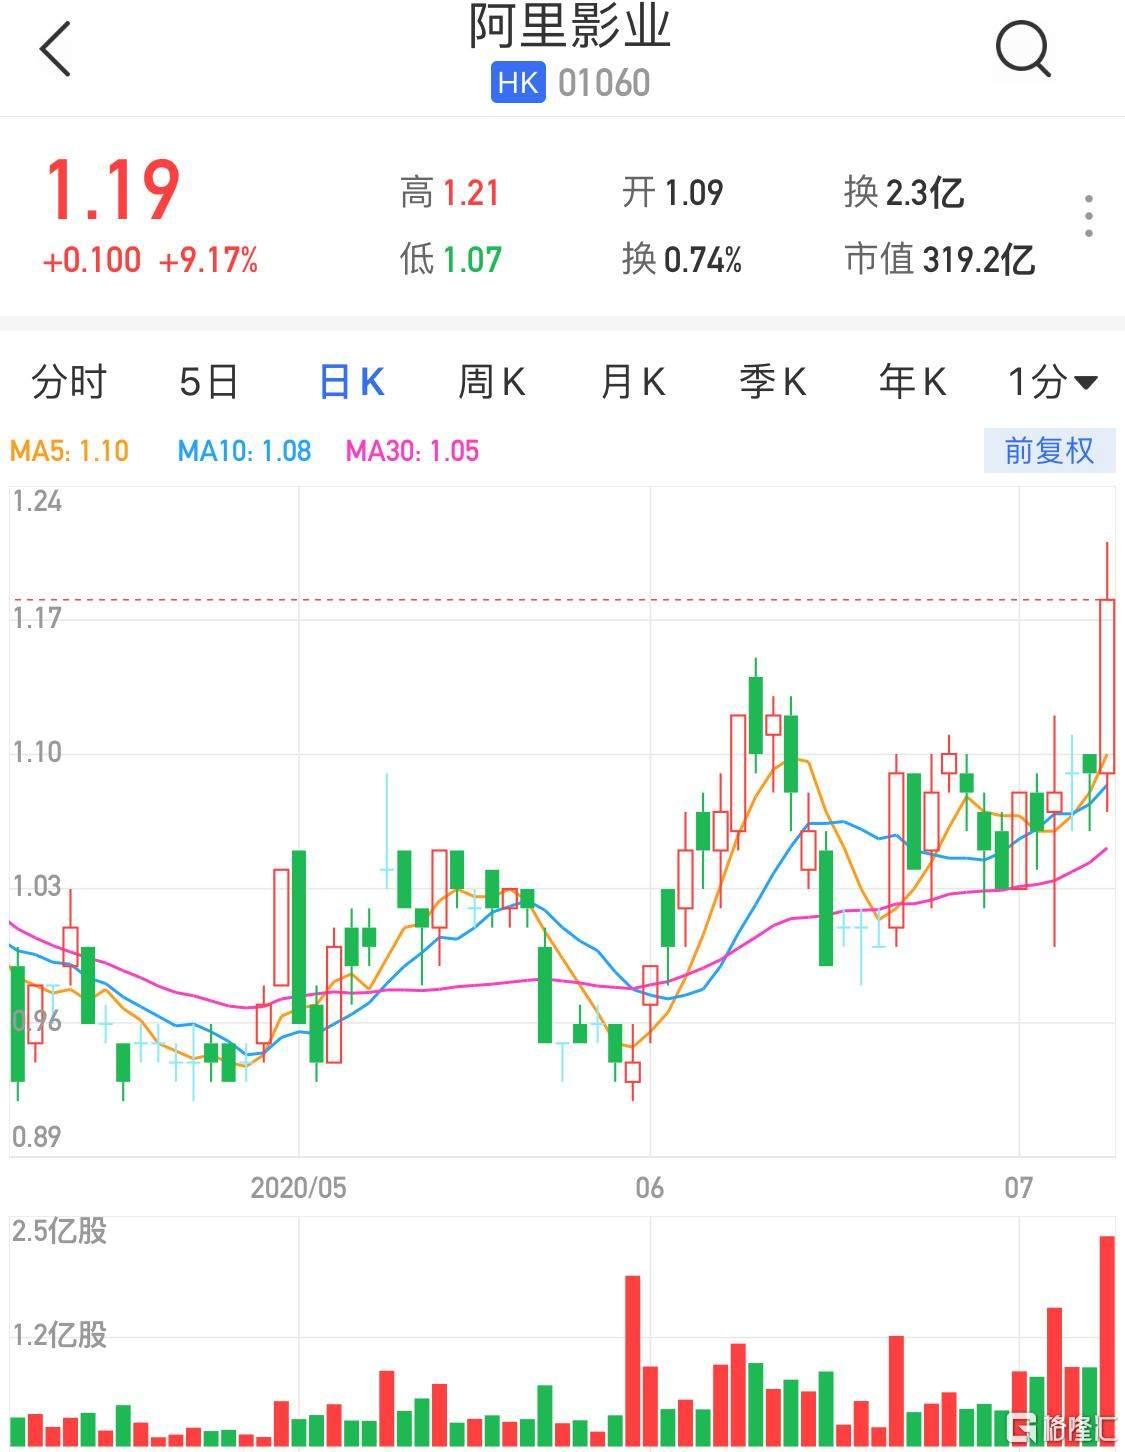 港股异动 | 阿里影业(1060.HK)大涨超9% 子公司入股天津银河酷娱